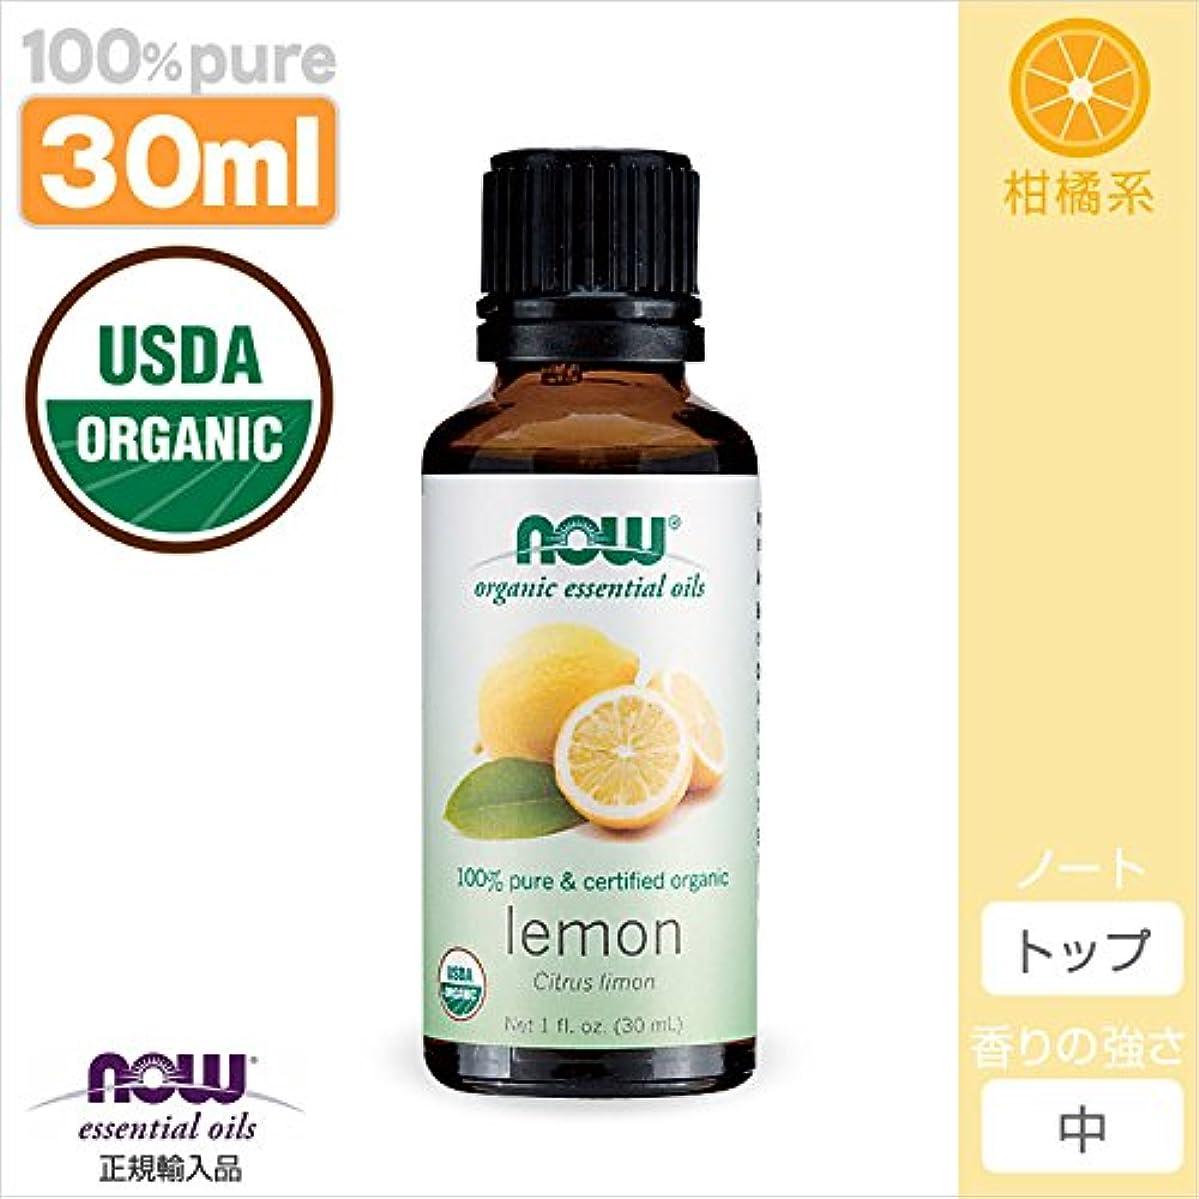 熟した仕立て屋配当レモン精油オーガニック[30ml] 【正規輸入品】 NOWエッセンシャルオイル(アロマオイル)